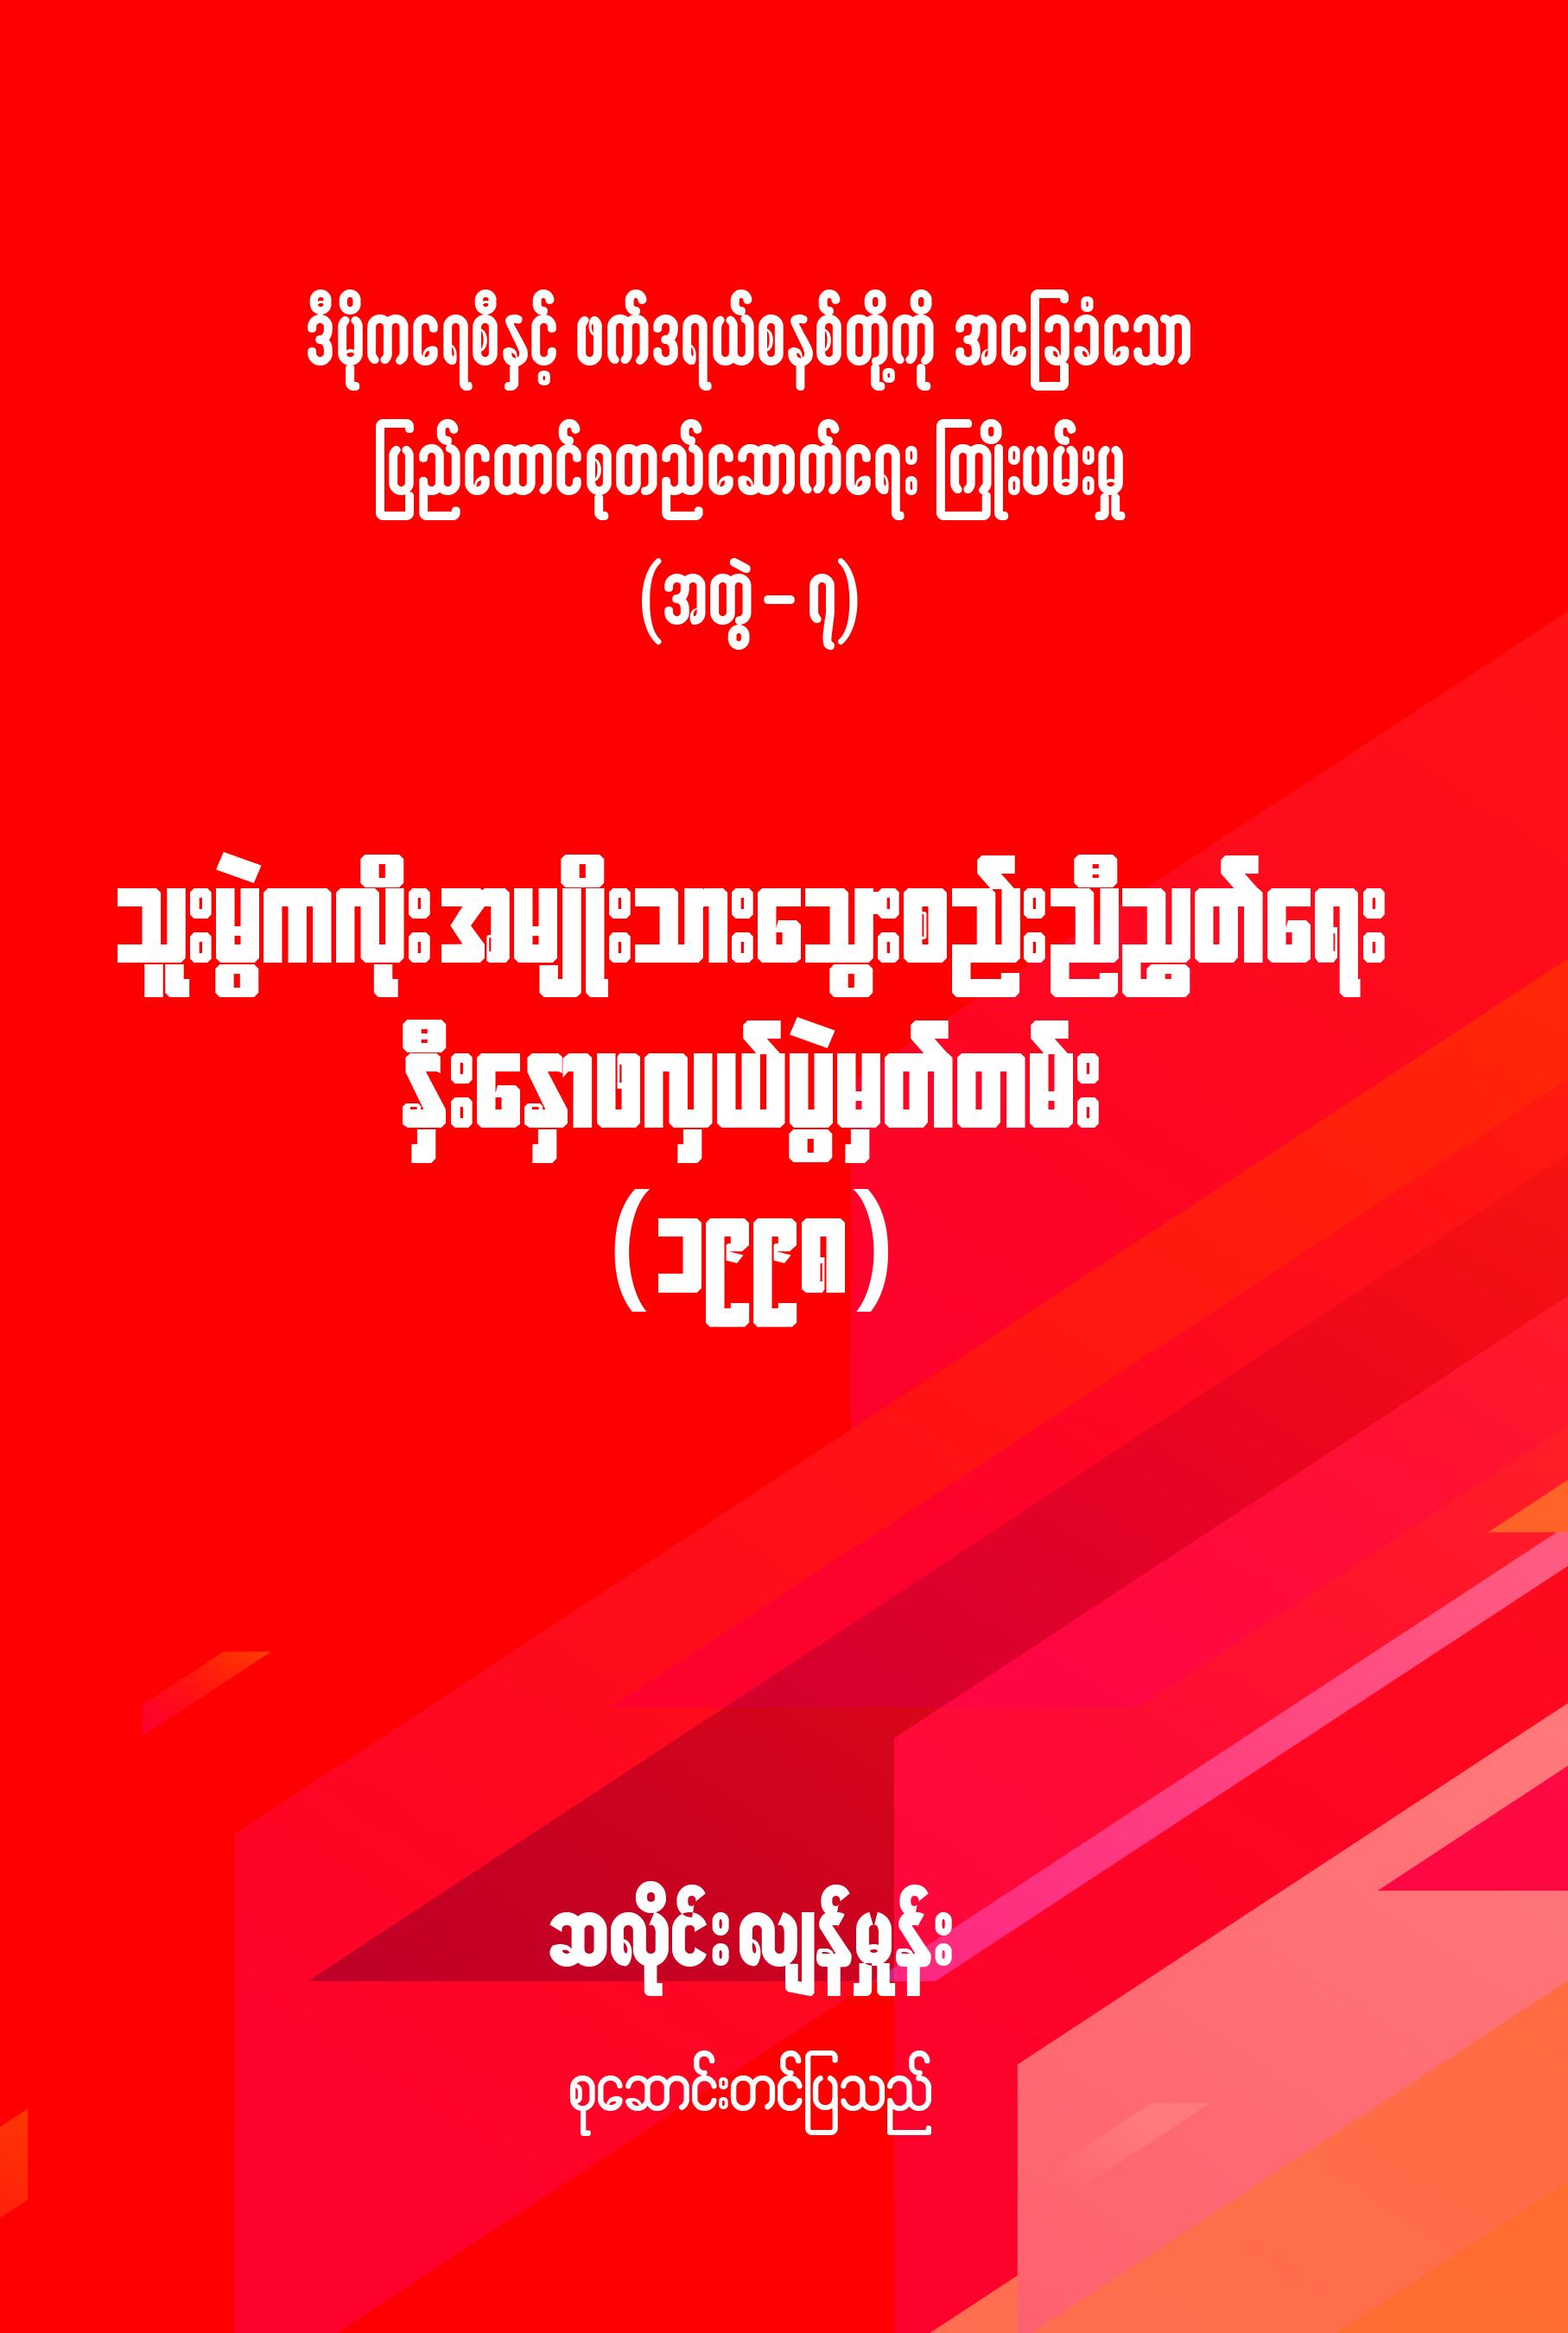 သူးမွဲကလိုး အမျိုးသားသွေးစည်းညီညွတ်ရေး နှီးနှောဖလှယ်ပွဲမှတ်တမ်း (၁၉၉၈)